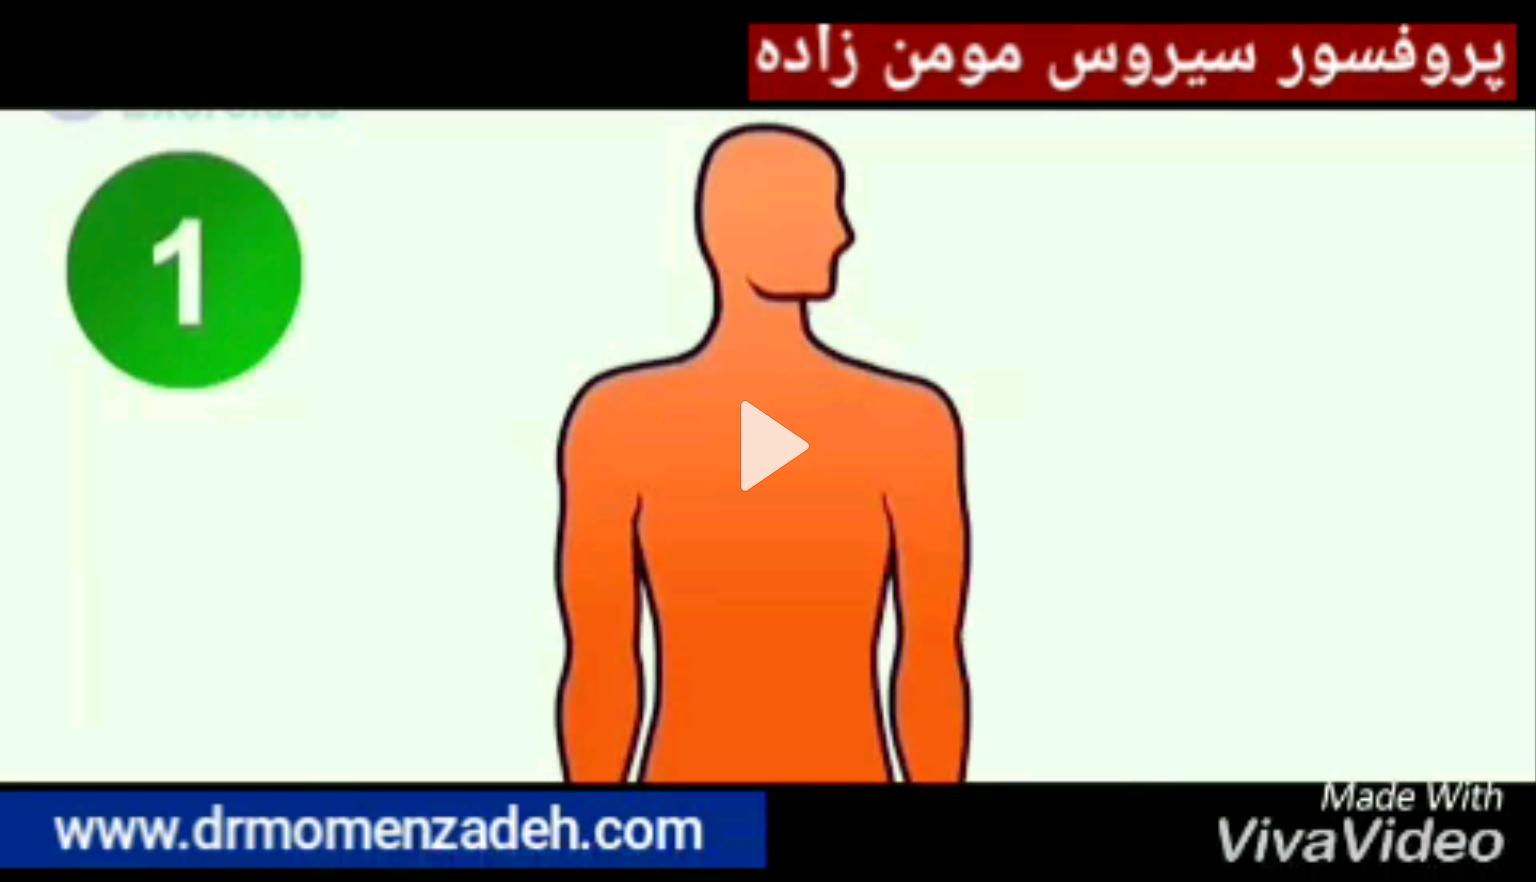 www.drmomenzadeh.com: اگر از آسیب دیسک گردن در خطری  با کمتر از یک دقیقه از این کار پیشگیری کن